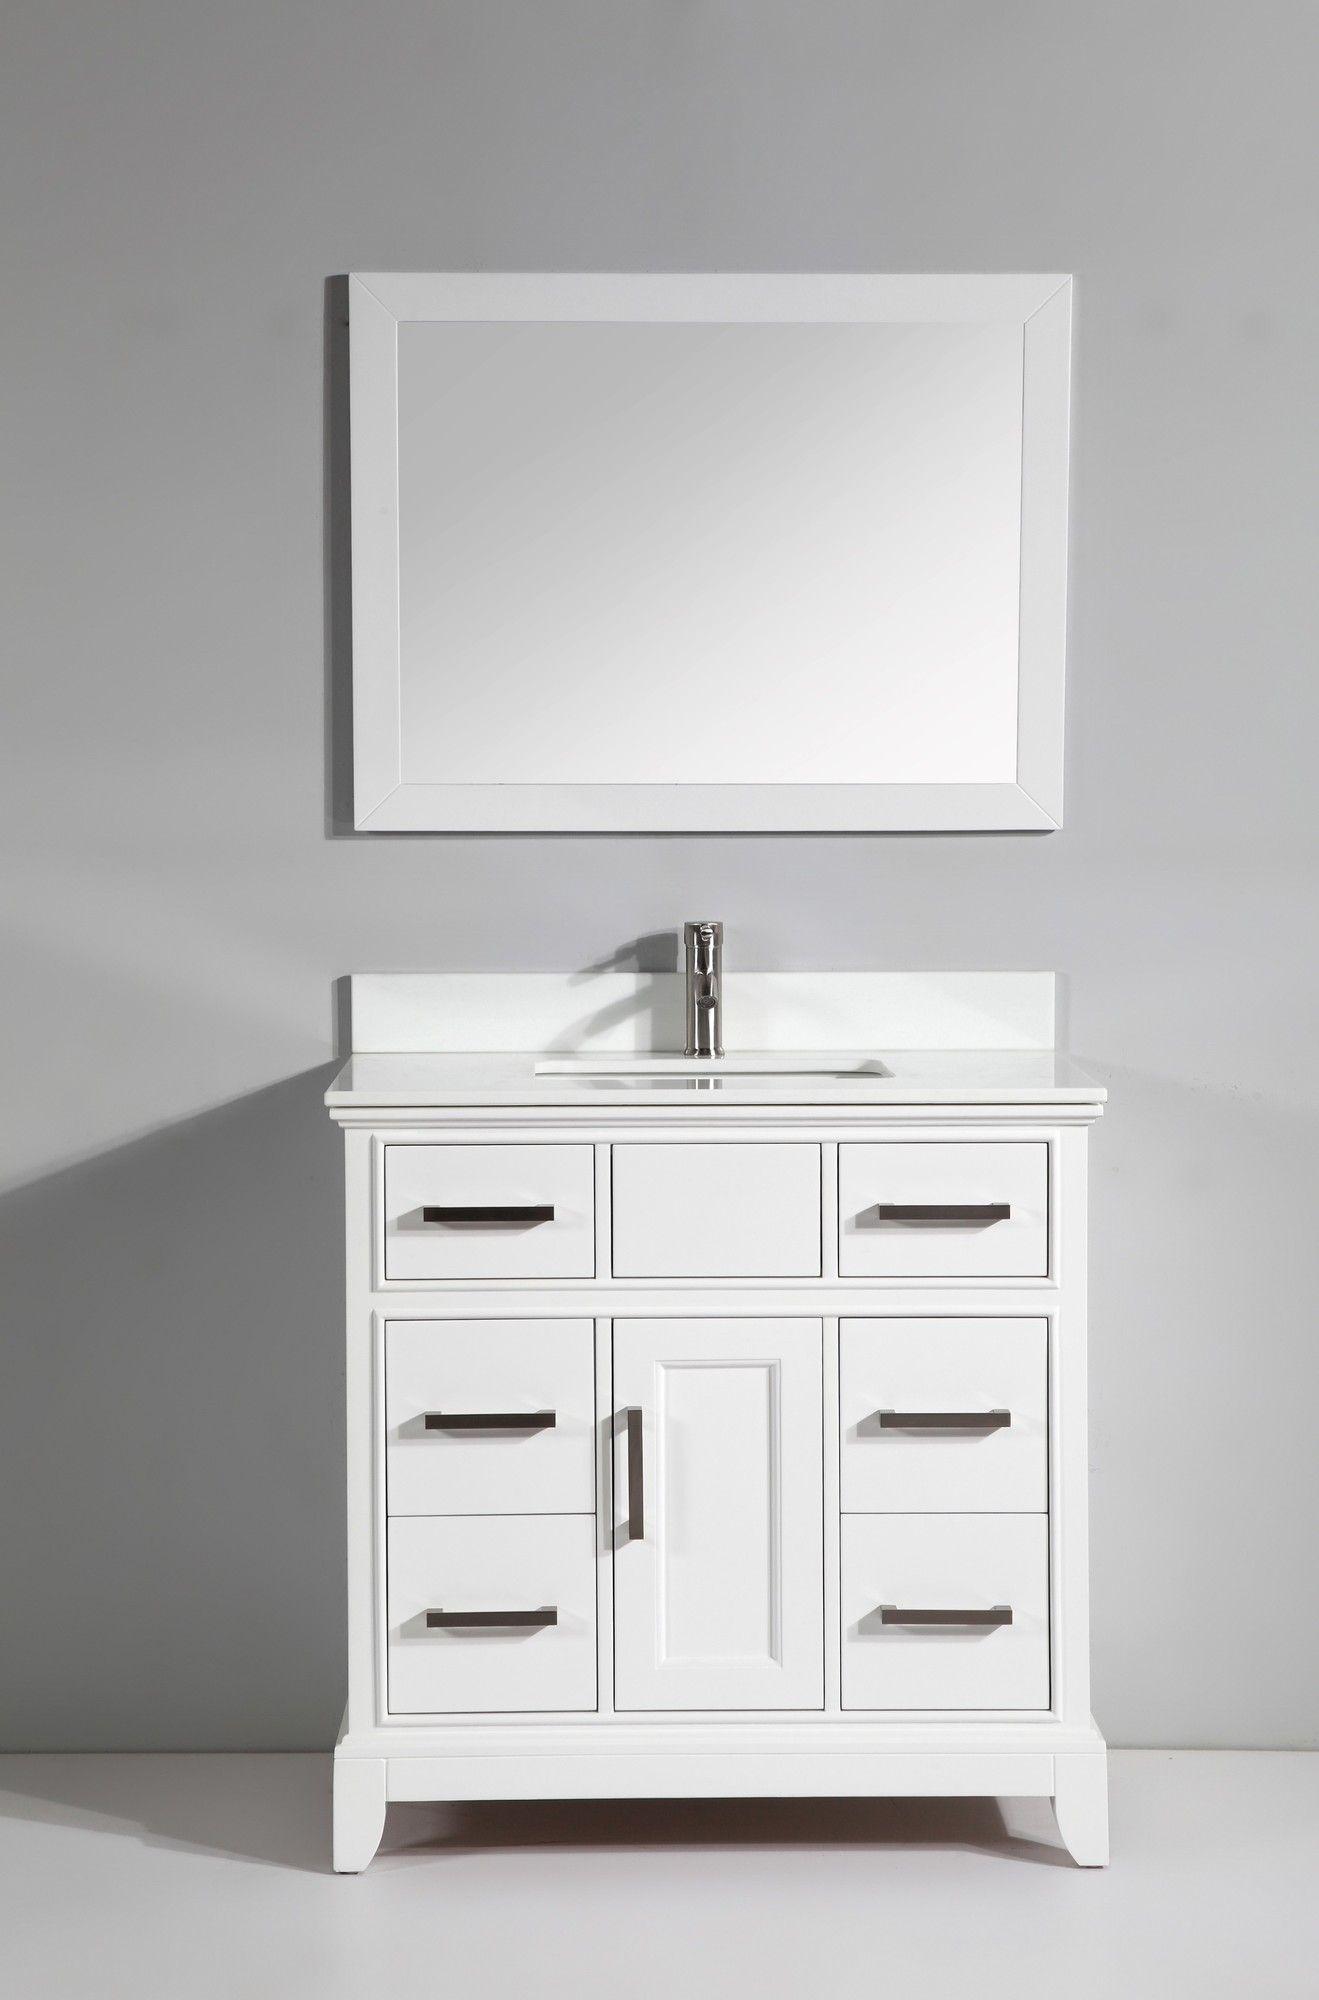 Modena 24 Single Bathroom Vanity Set Bathroom Sink Vanity